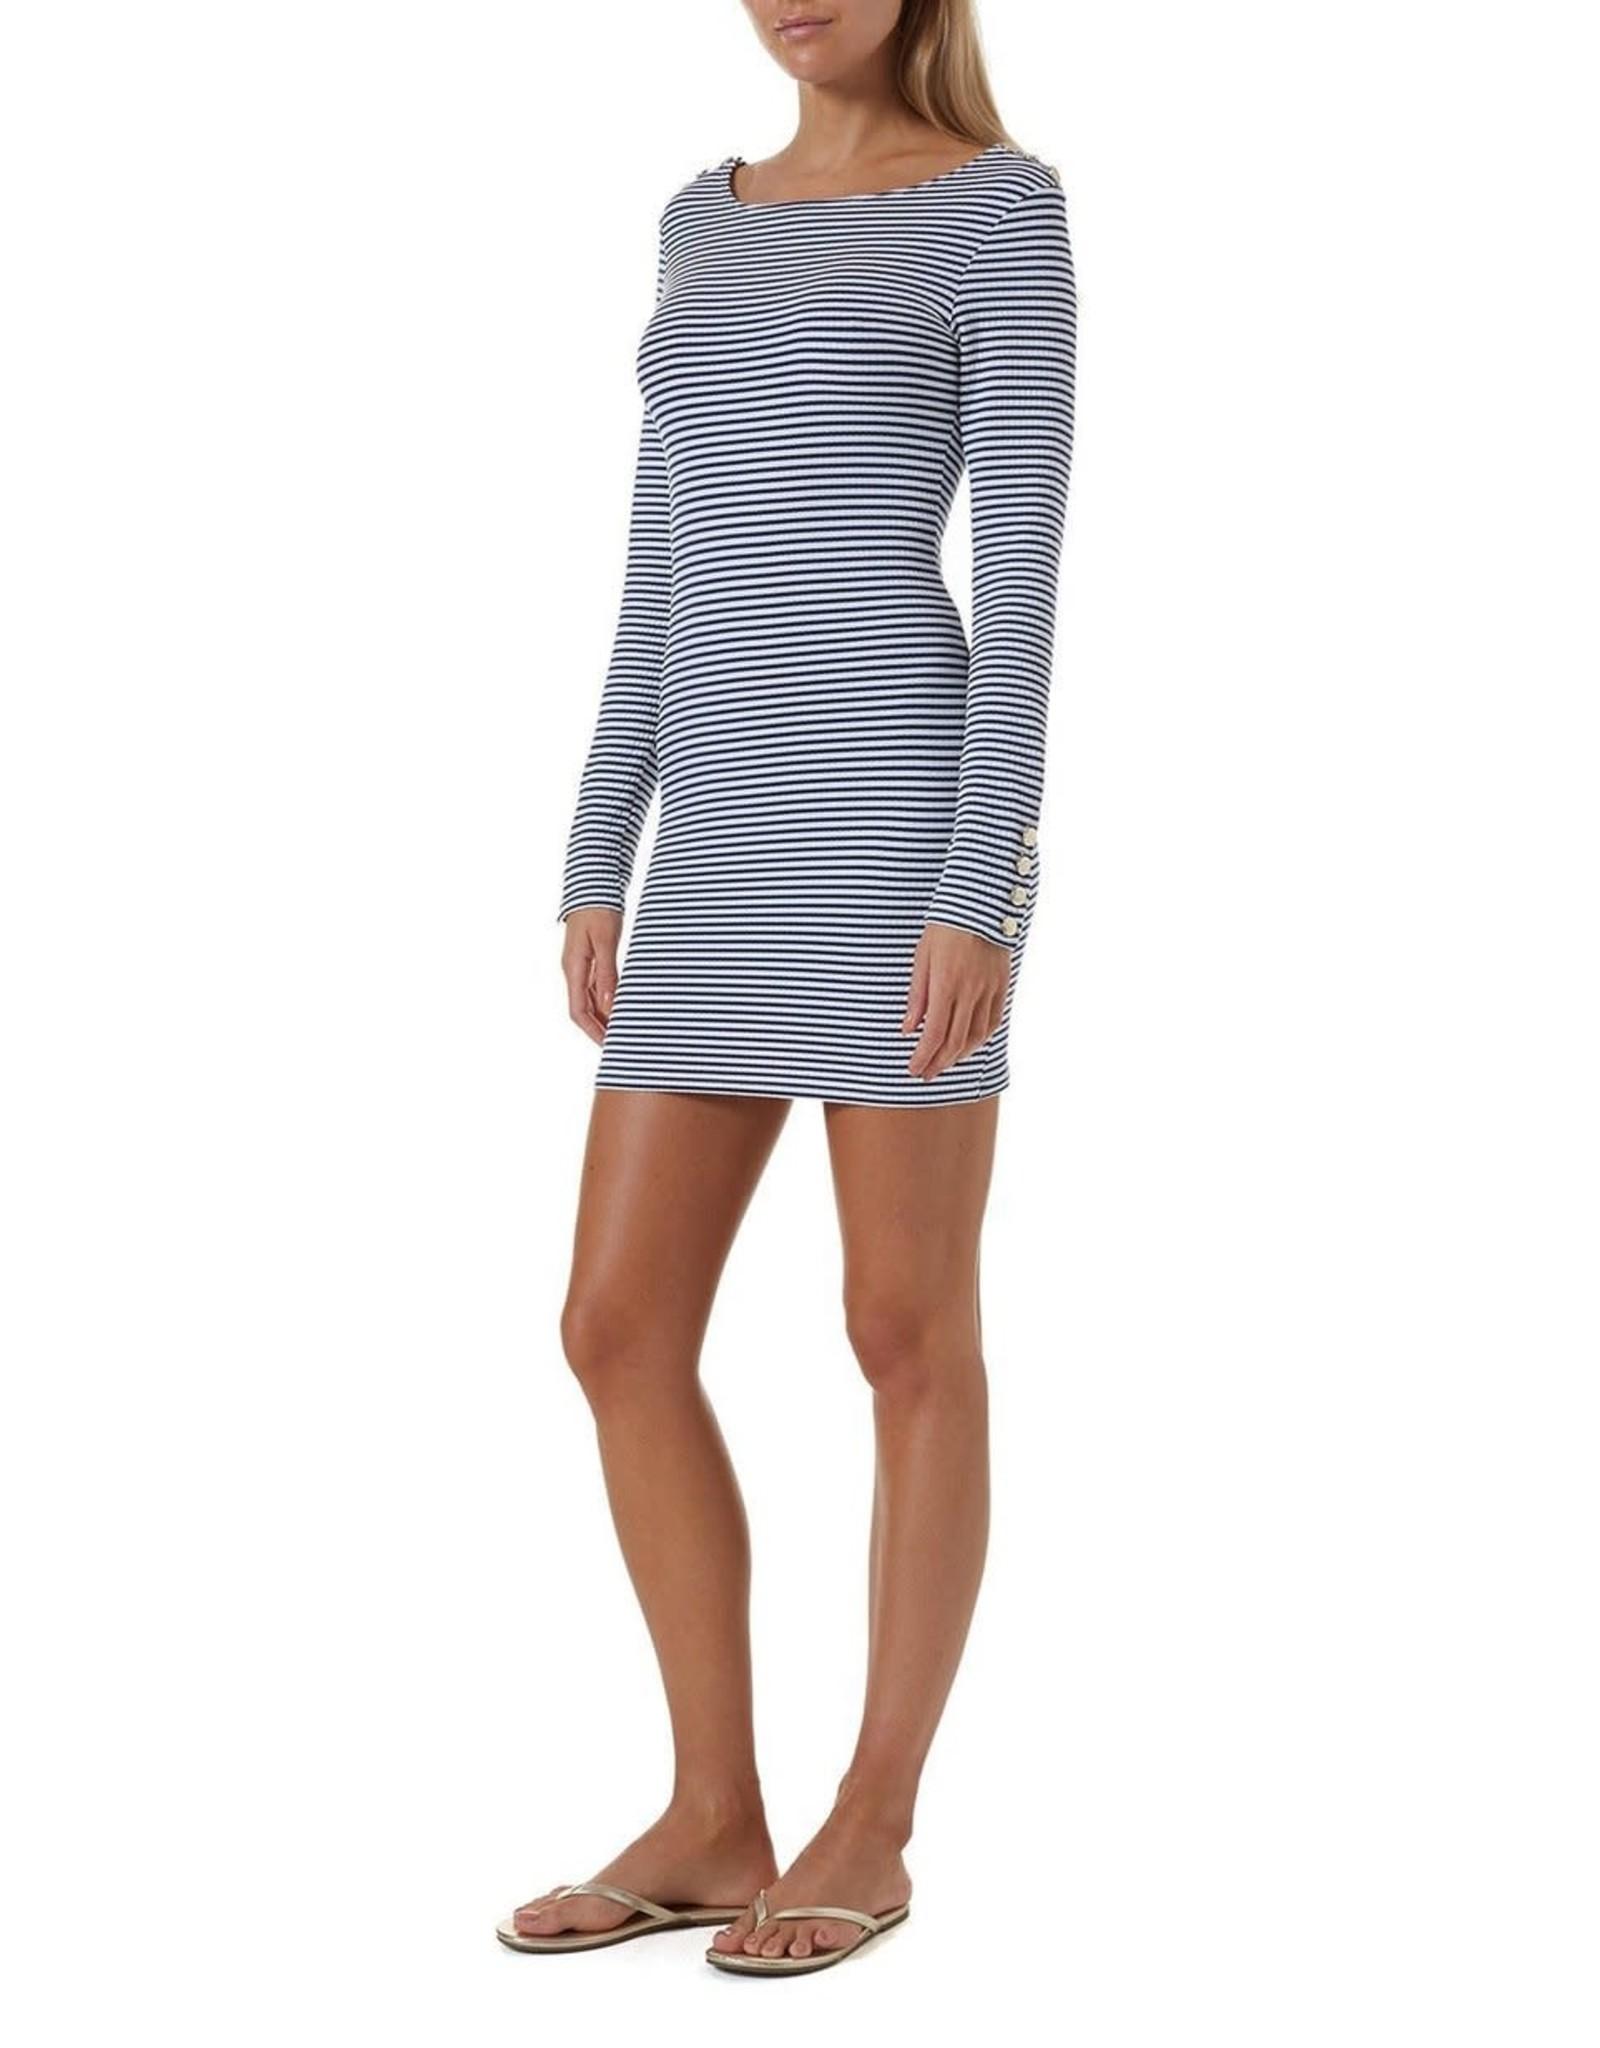 Melissa Odabash Agata Nautical Short Dress